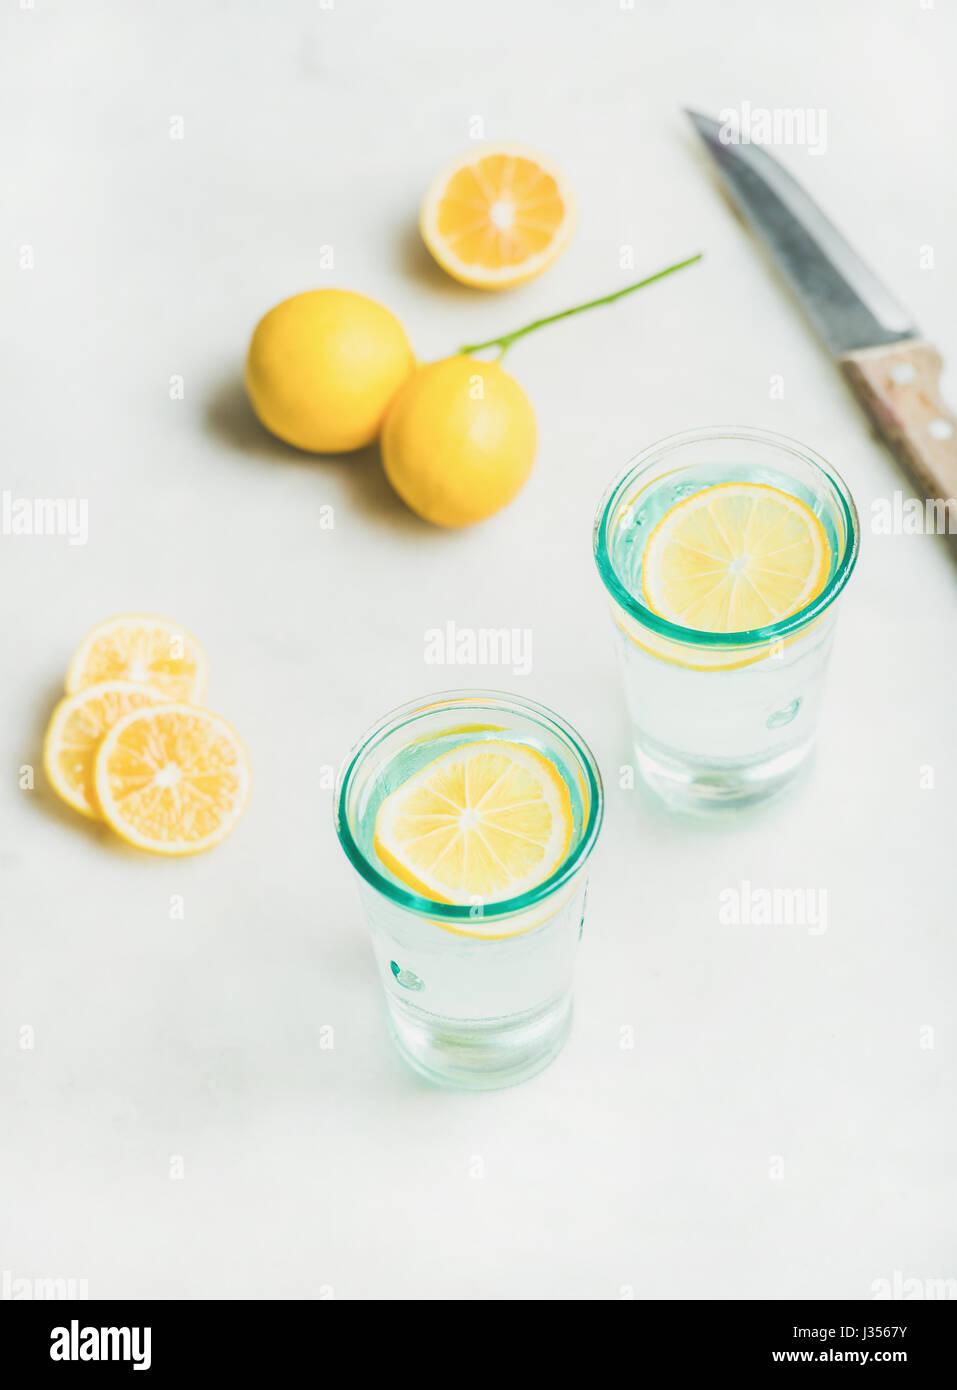 L'eau de citron detox matin dans des verres plus de lumière en arrière-plan Photo Stock